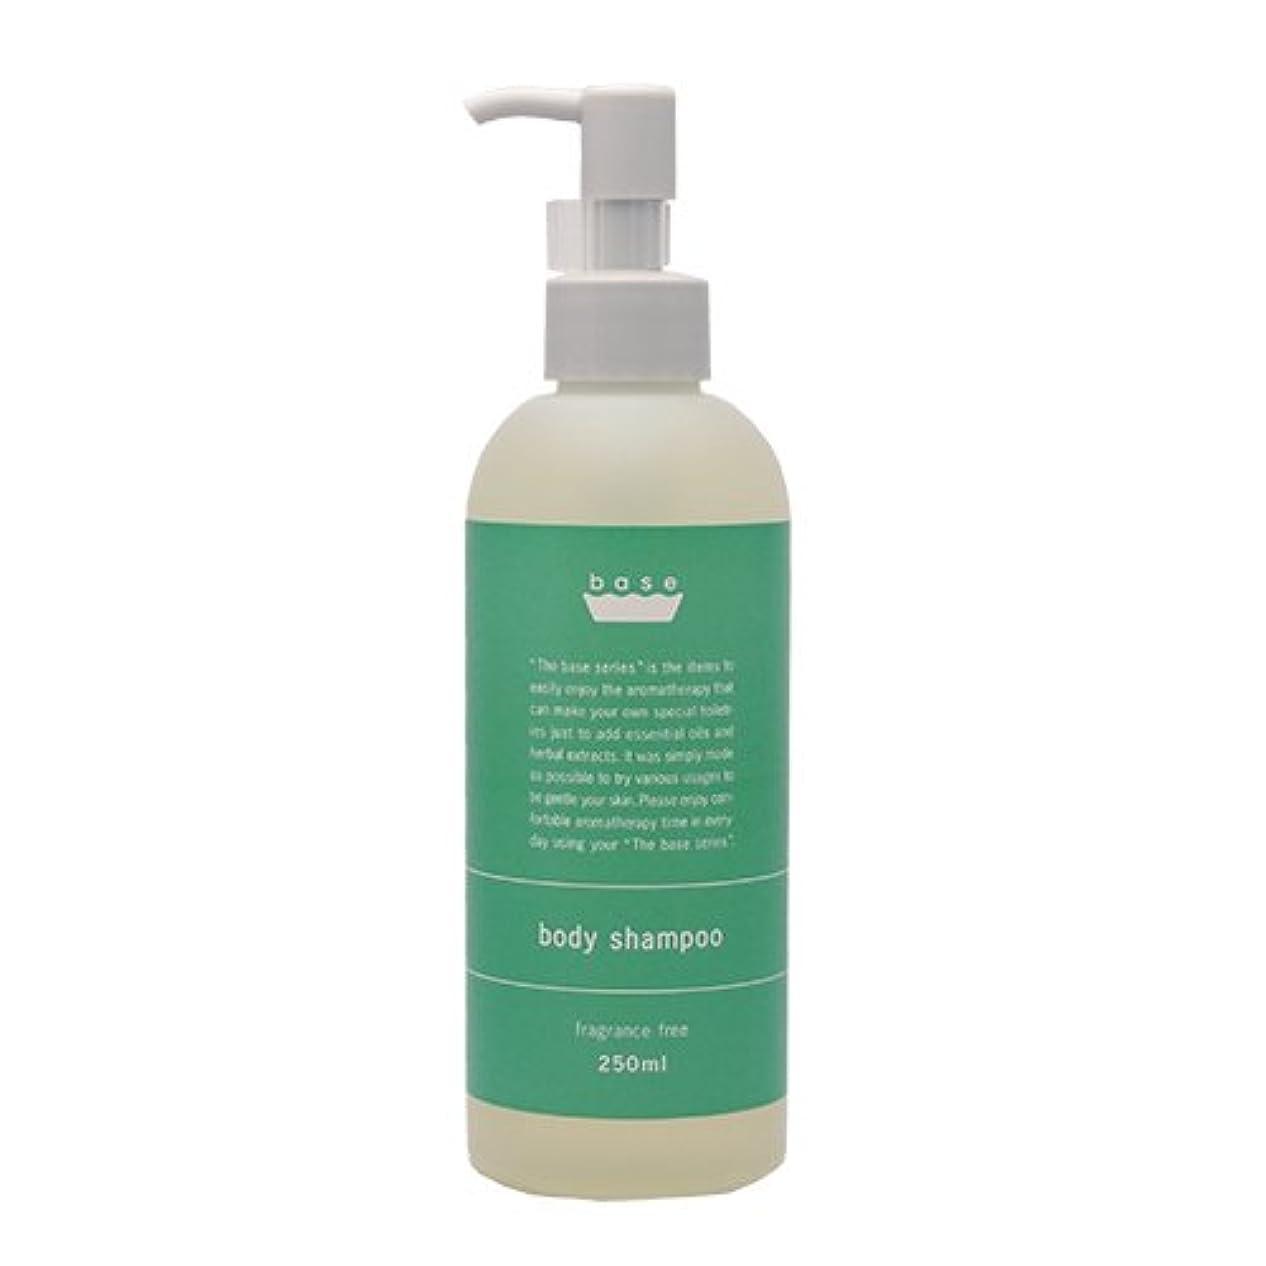 大理石市民権嵐のフレーバーライフ base body shampoo(ボディーシャンプー)250ml